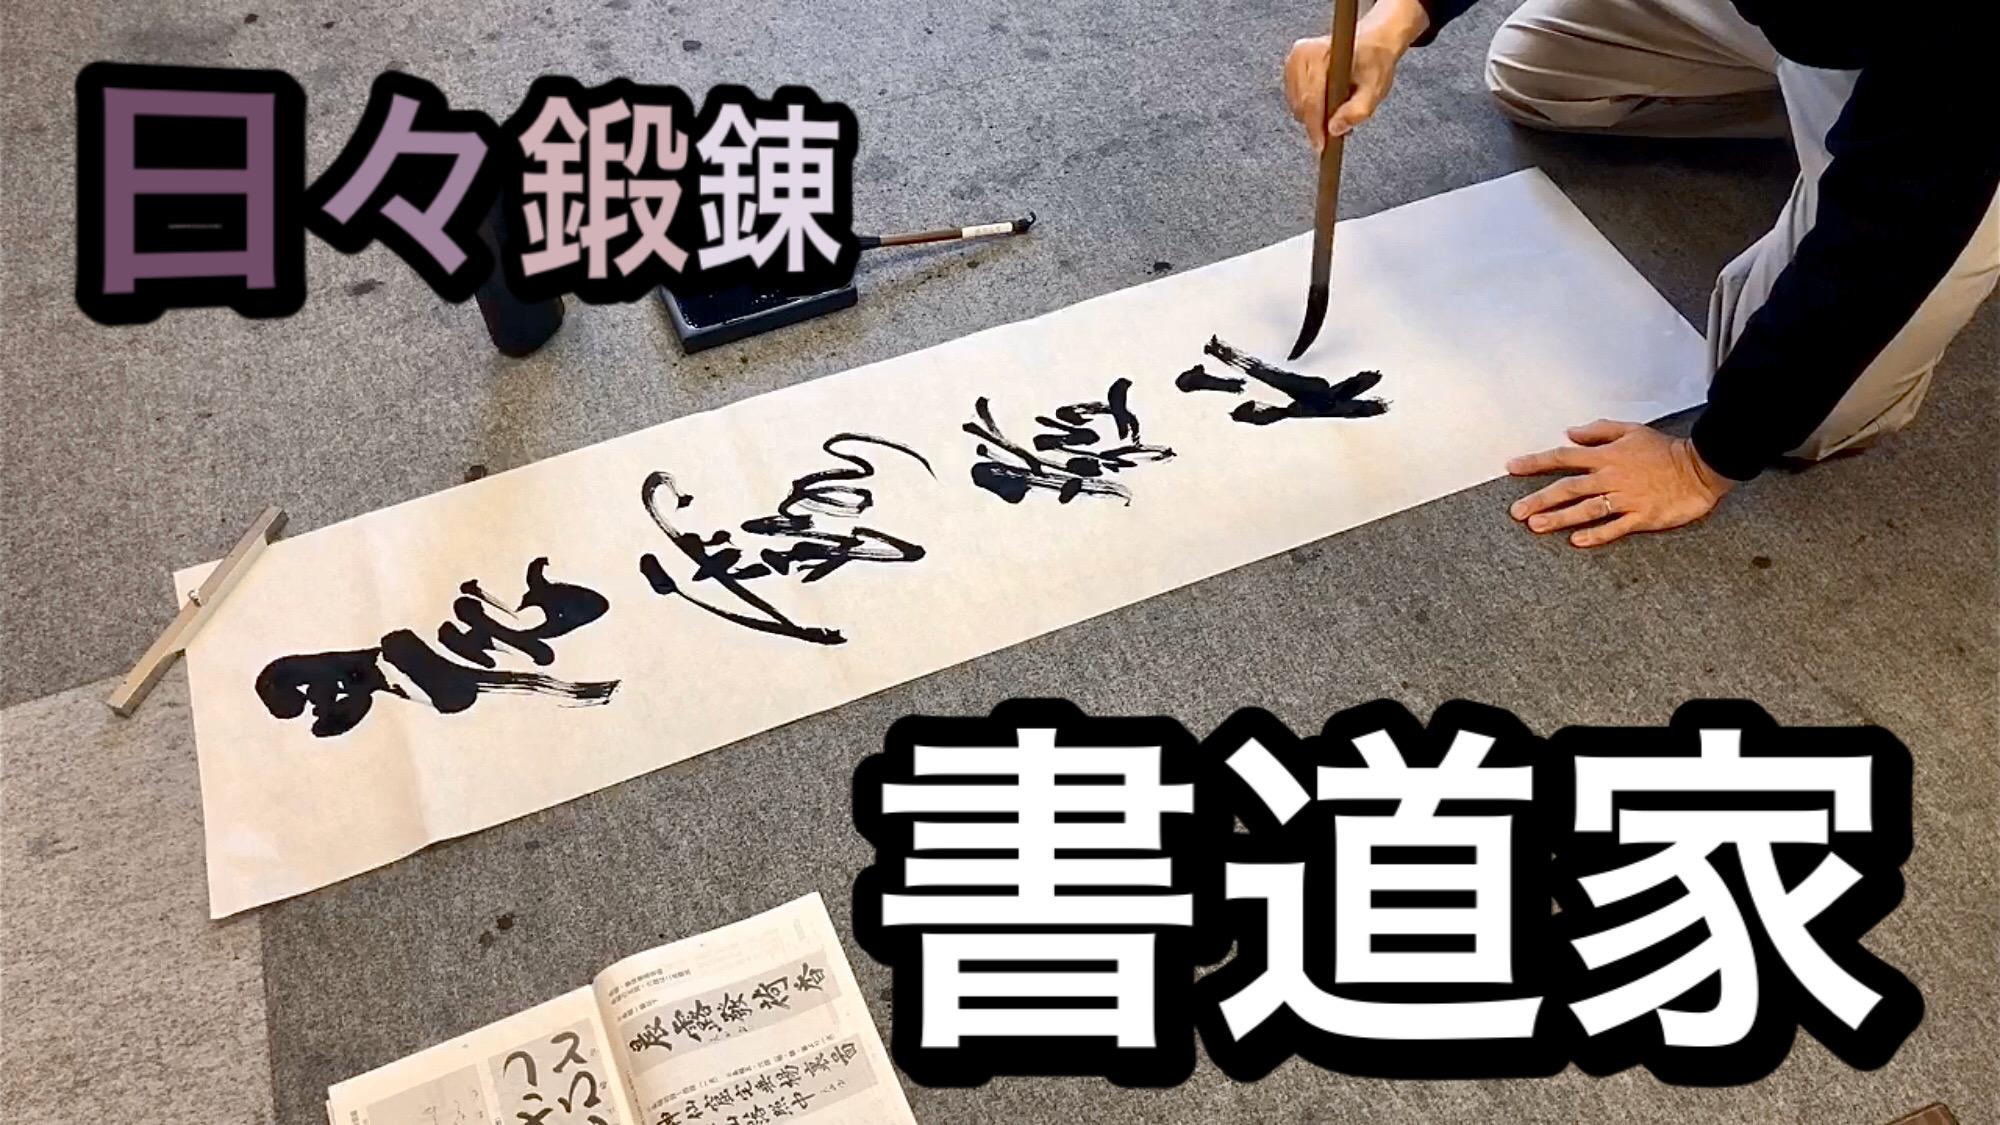 大空 昇段試験 条幅 手本 書き 佐賀 書道教室